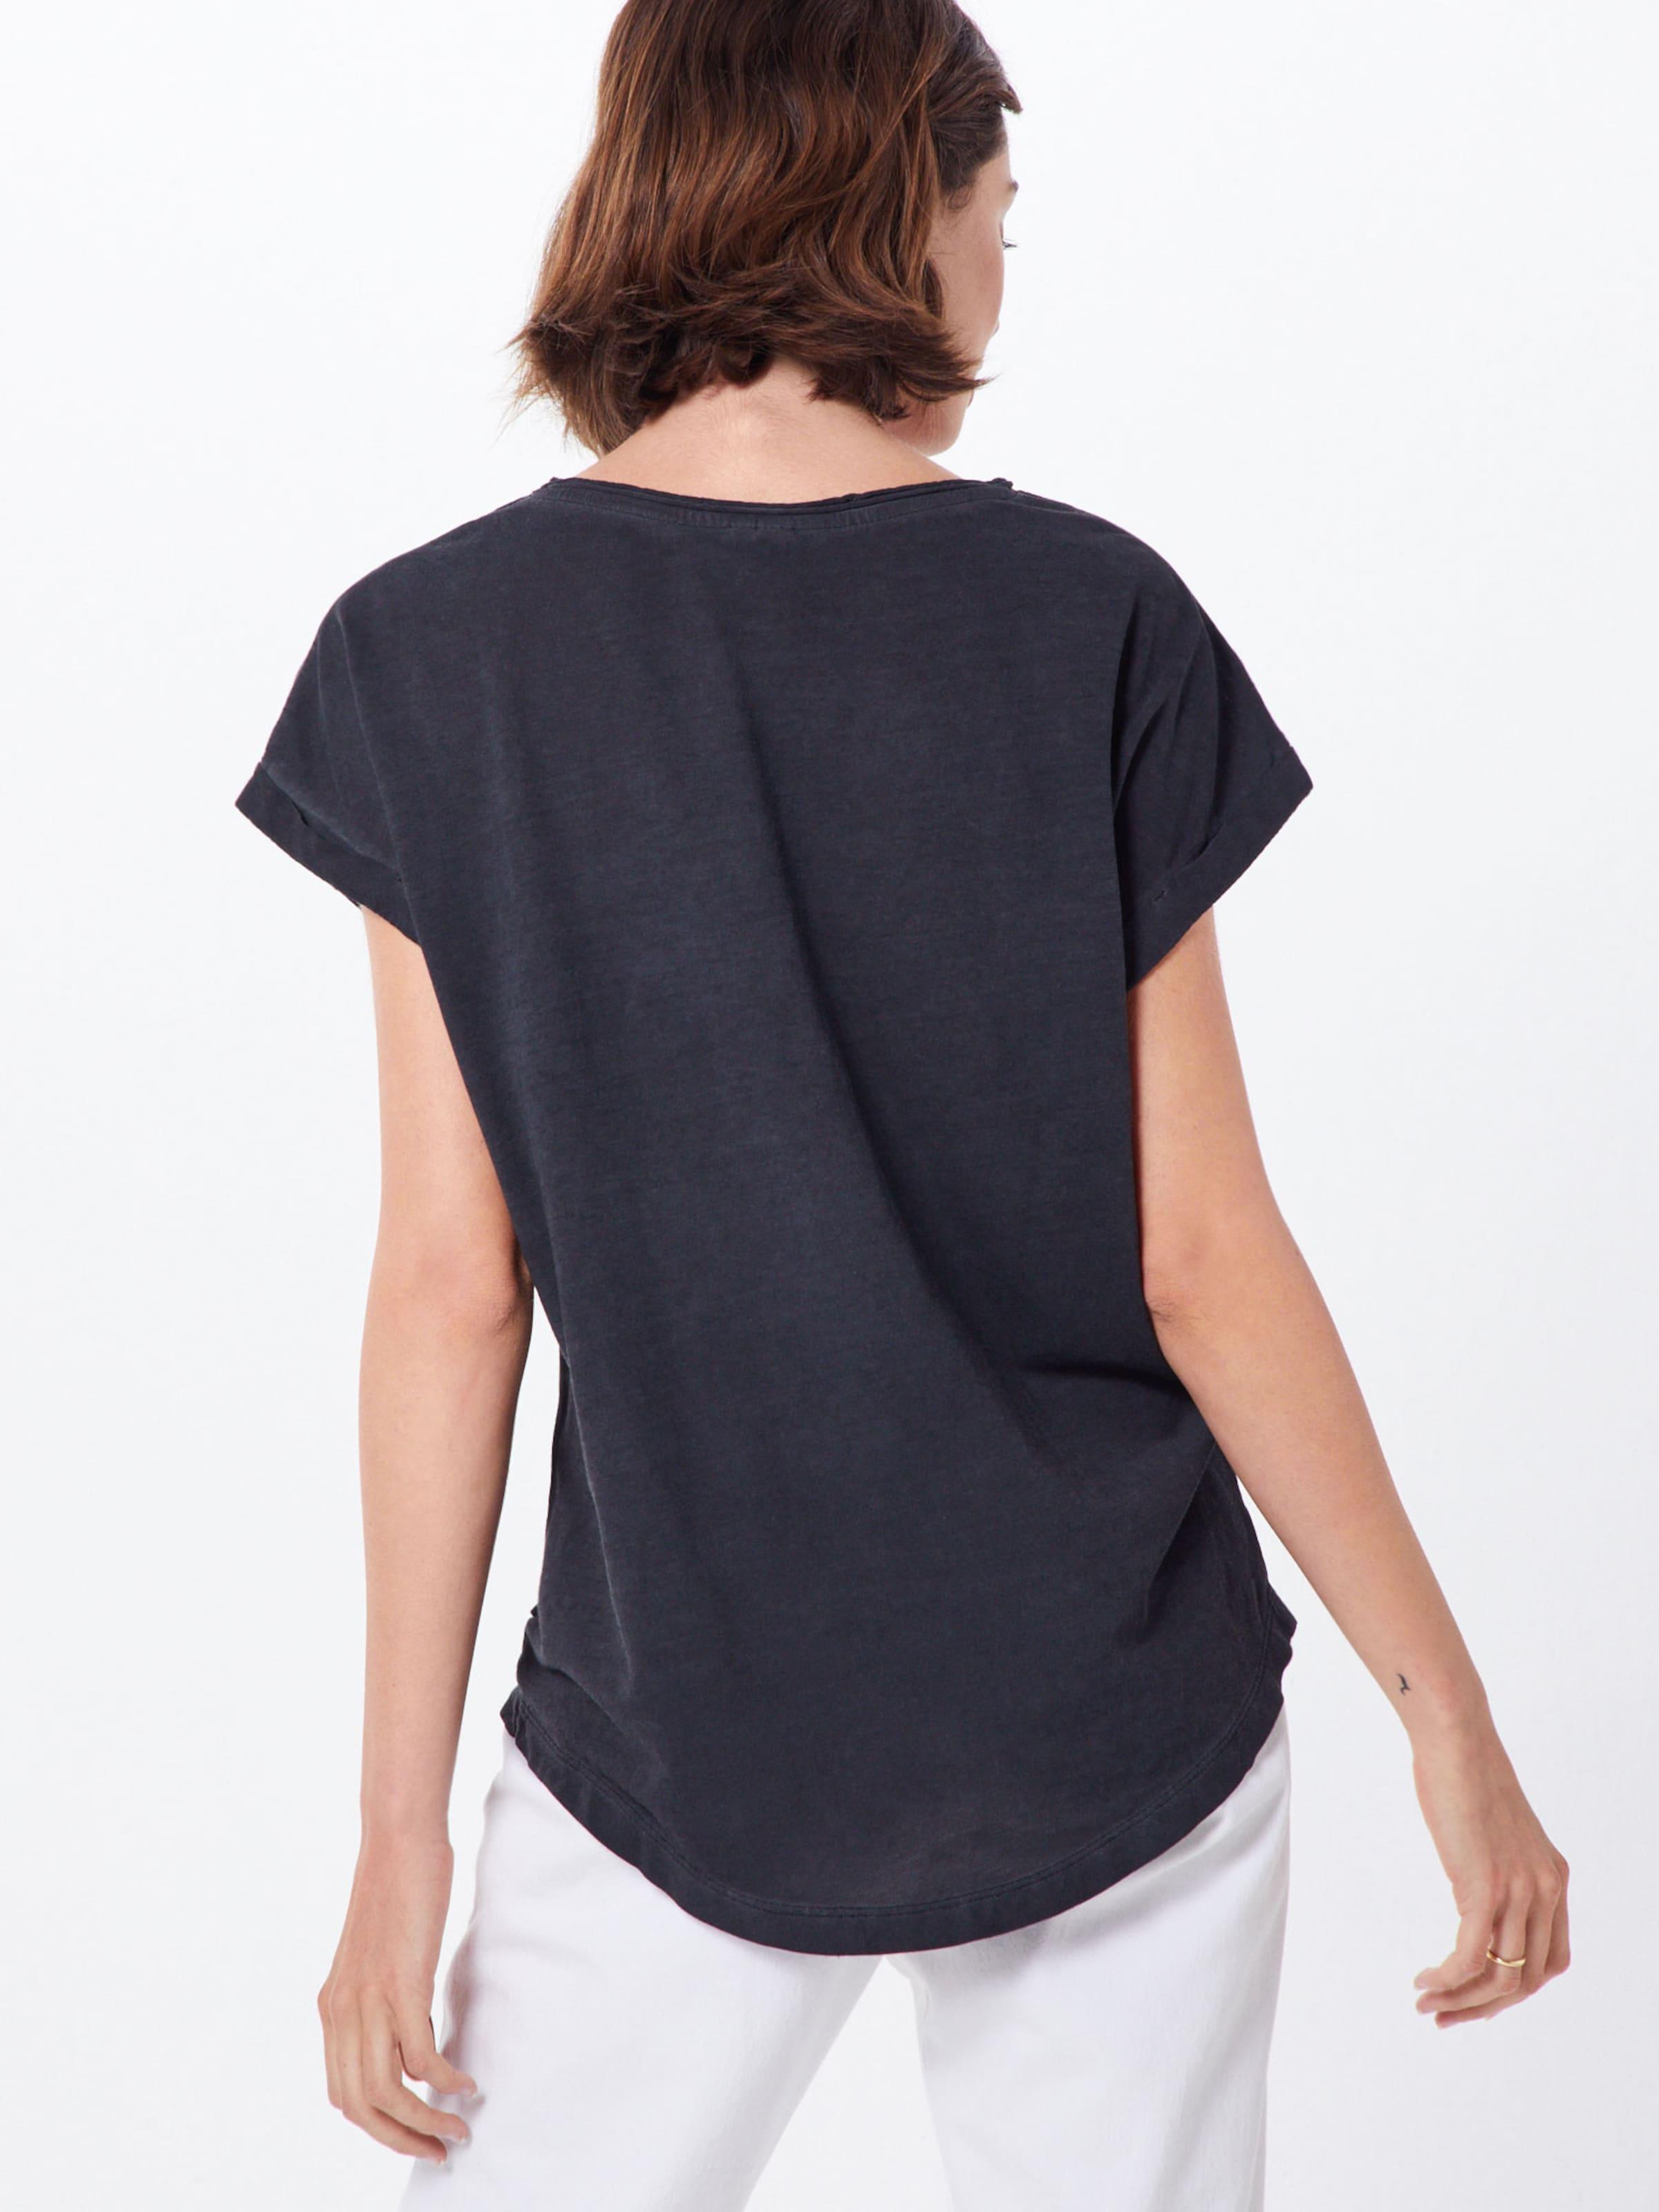 Mélange T En De CouleursNoir s By shirt Designed Q pSUGVqzM